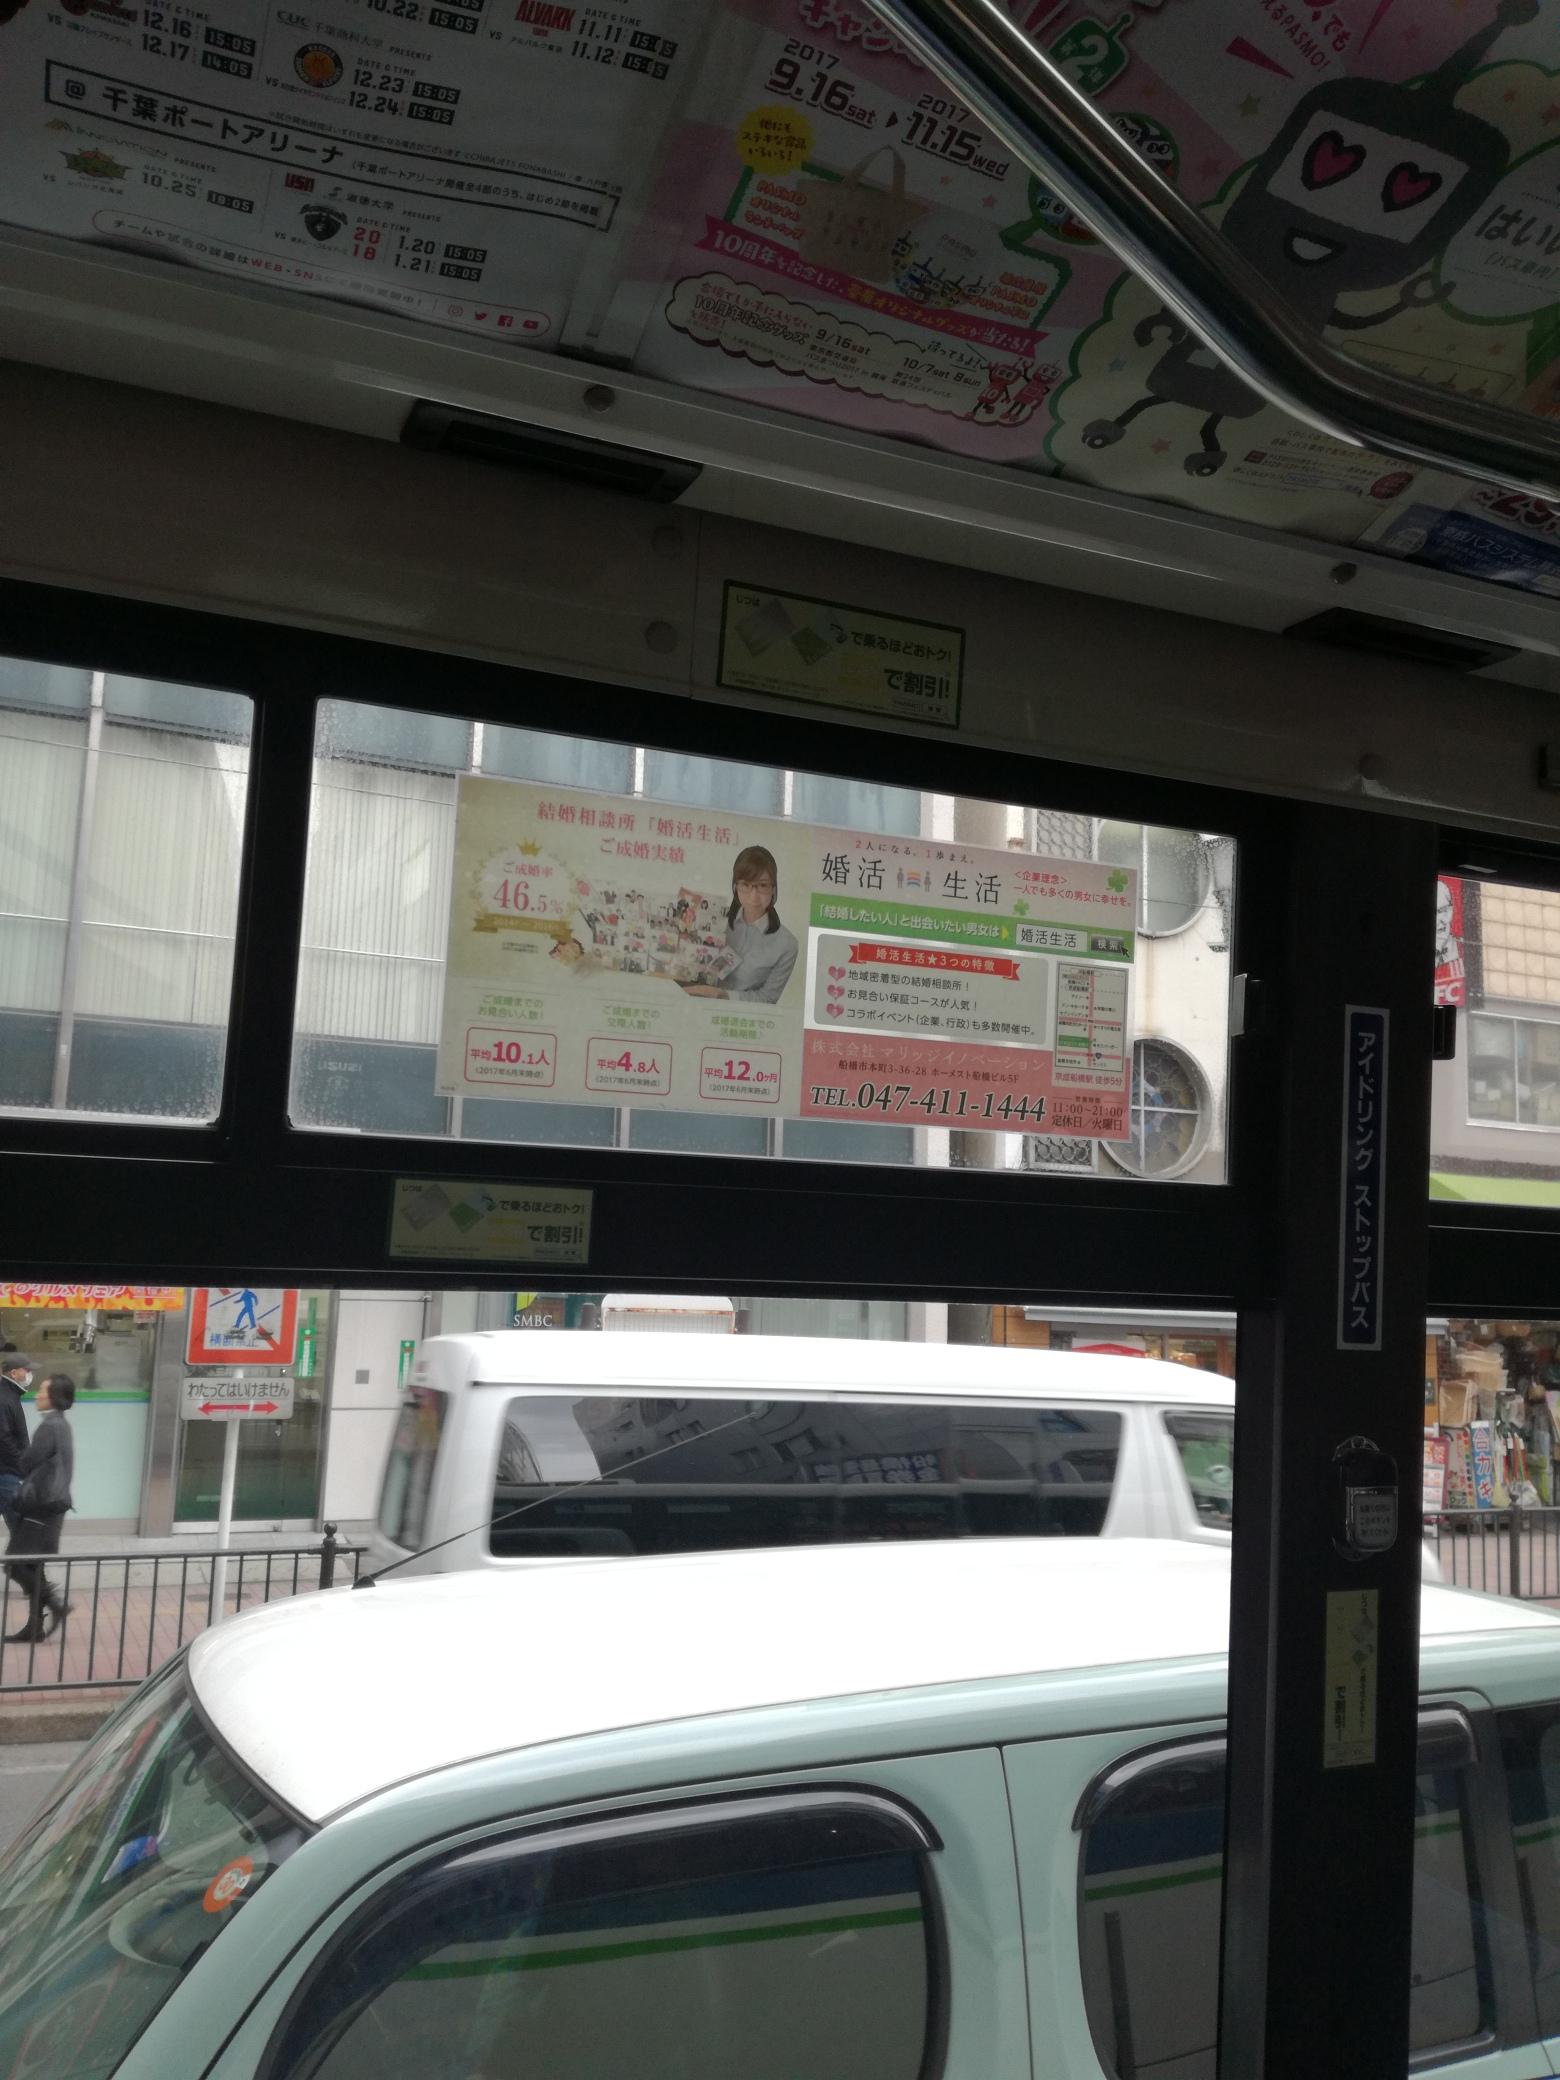 京成バスシステム窓広告A